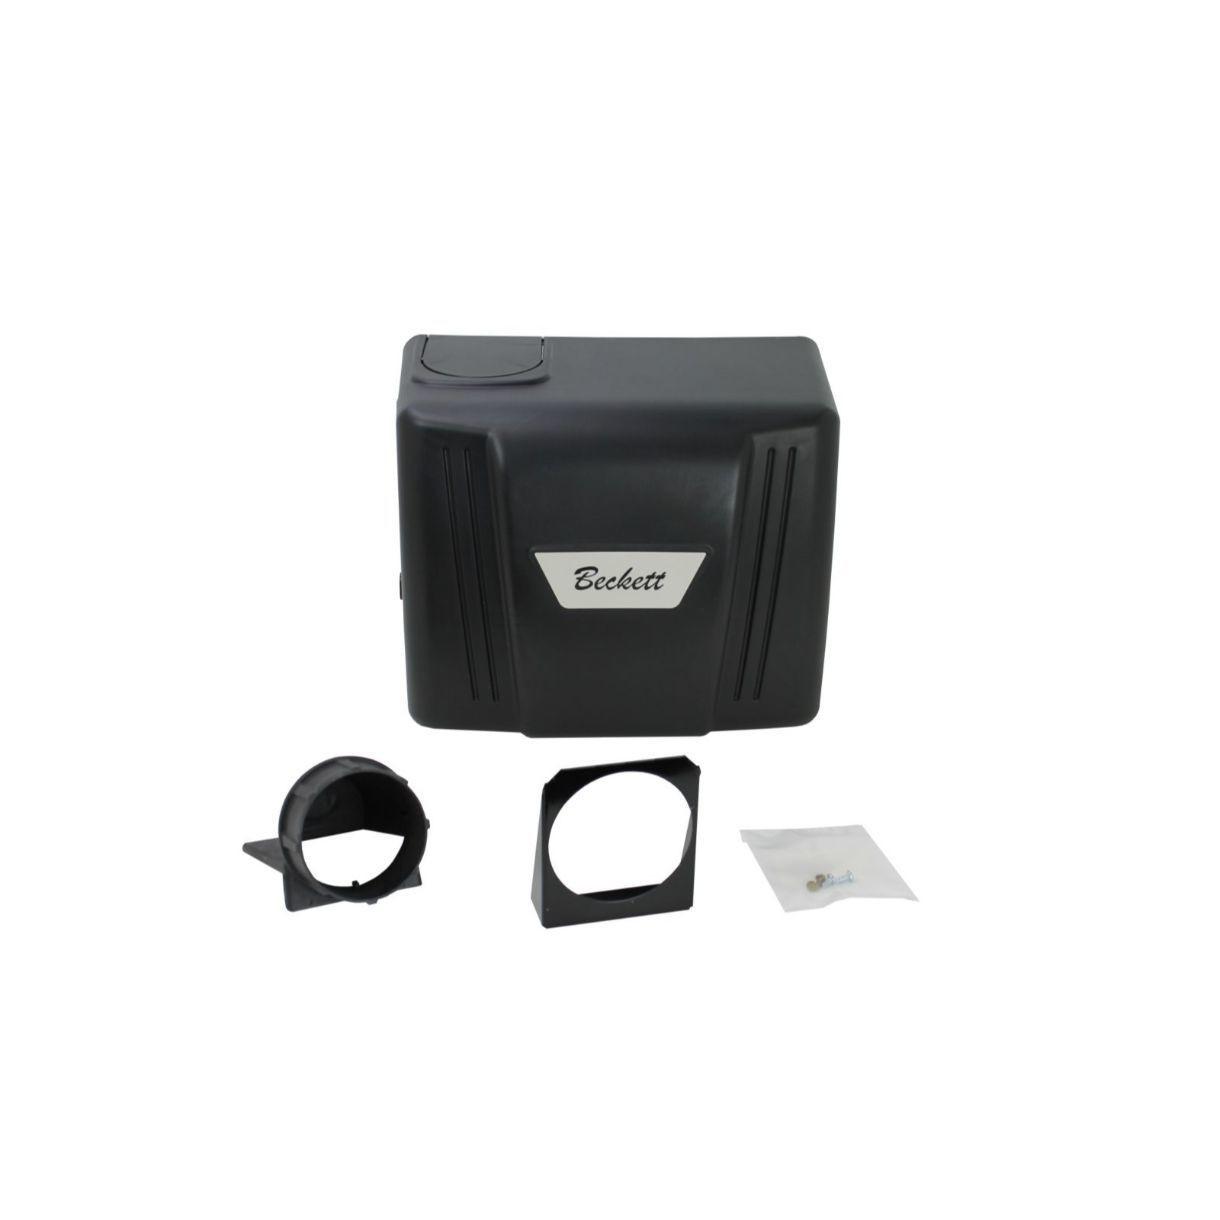 KLABR0101BEC - Beckett NX Oil Burner Kit With Installation